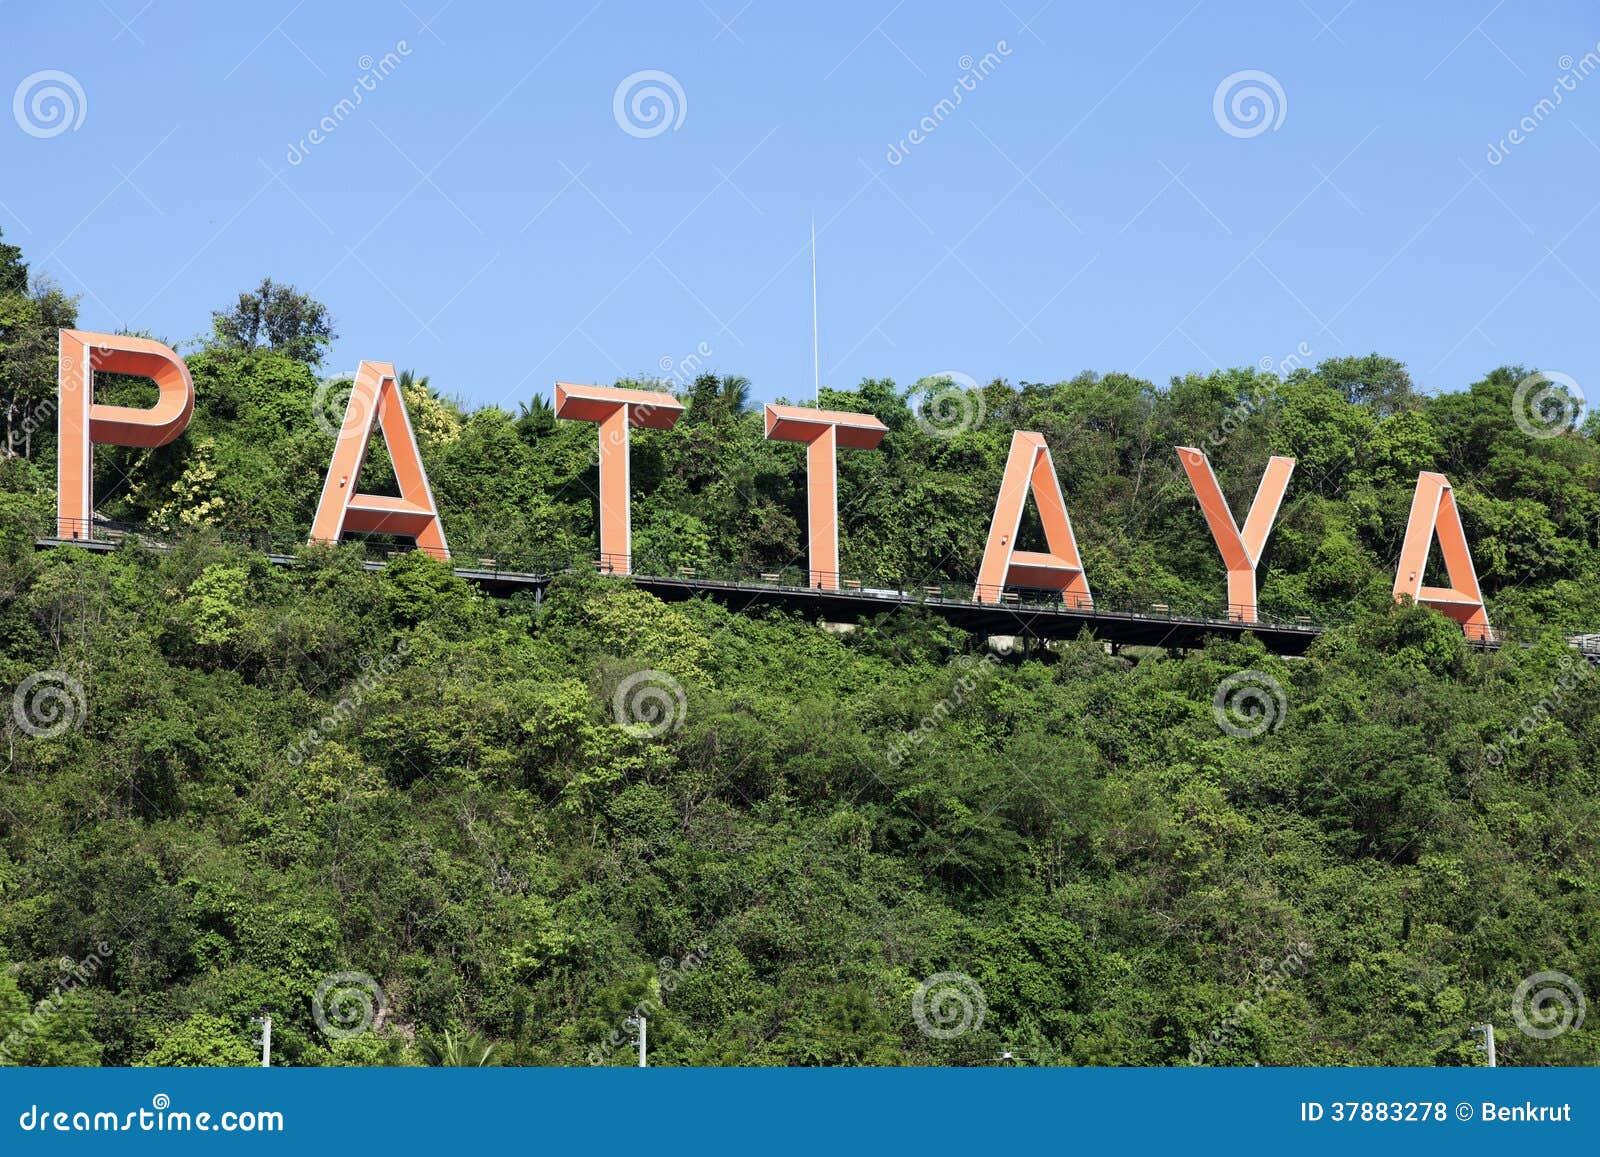 Pattayateken